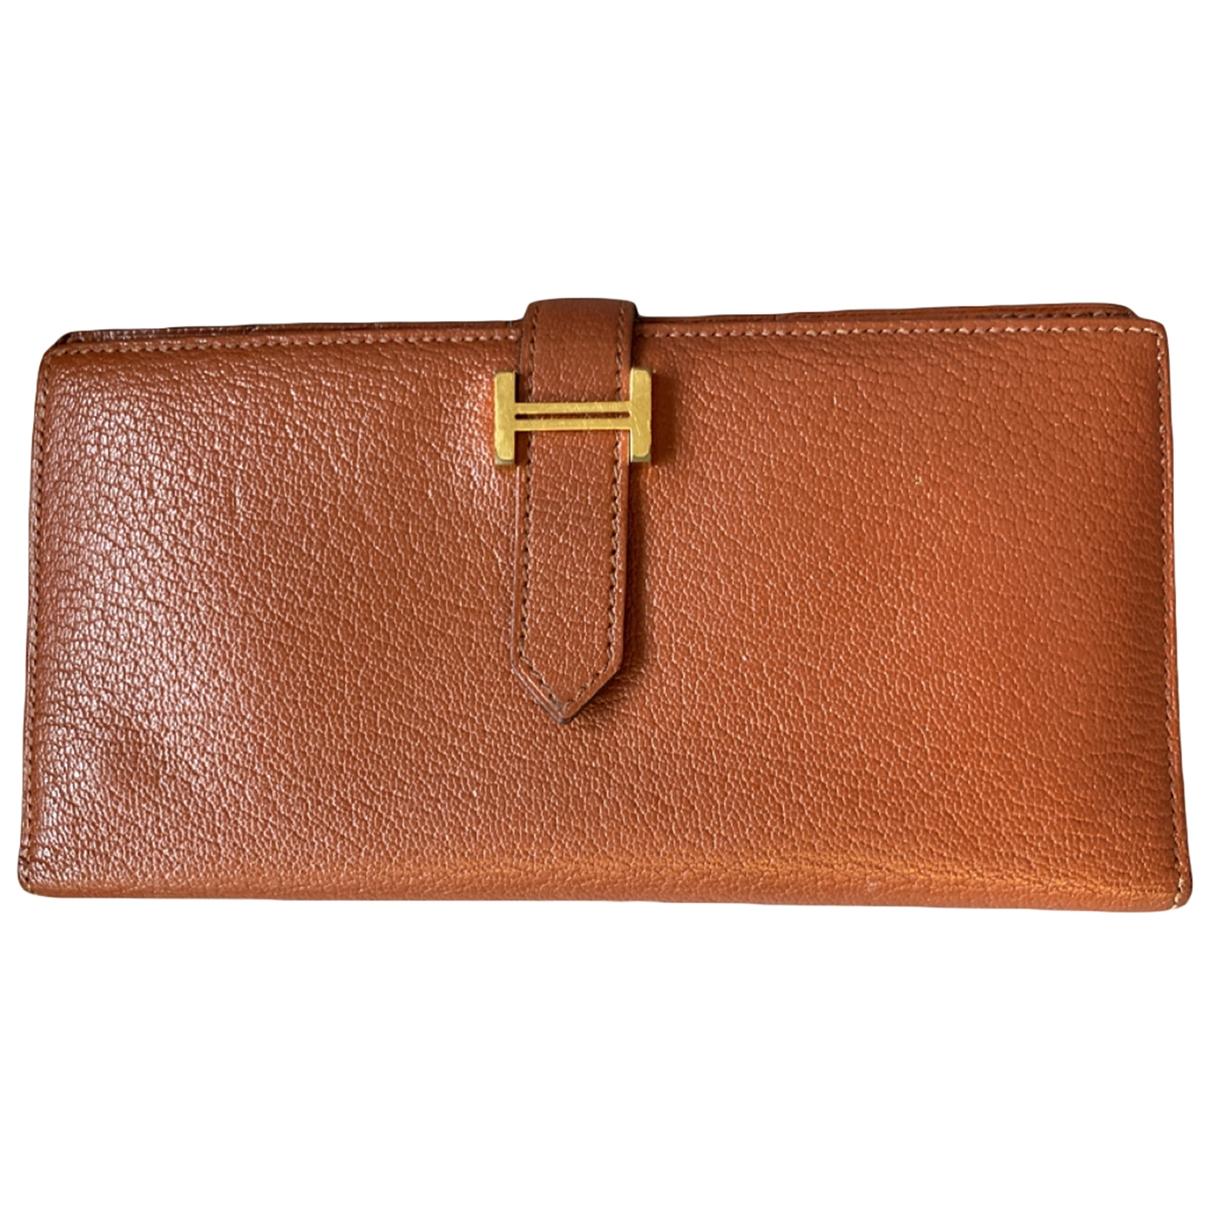 Hermes Bearn Portemonnaie in Leder